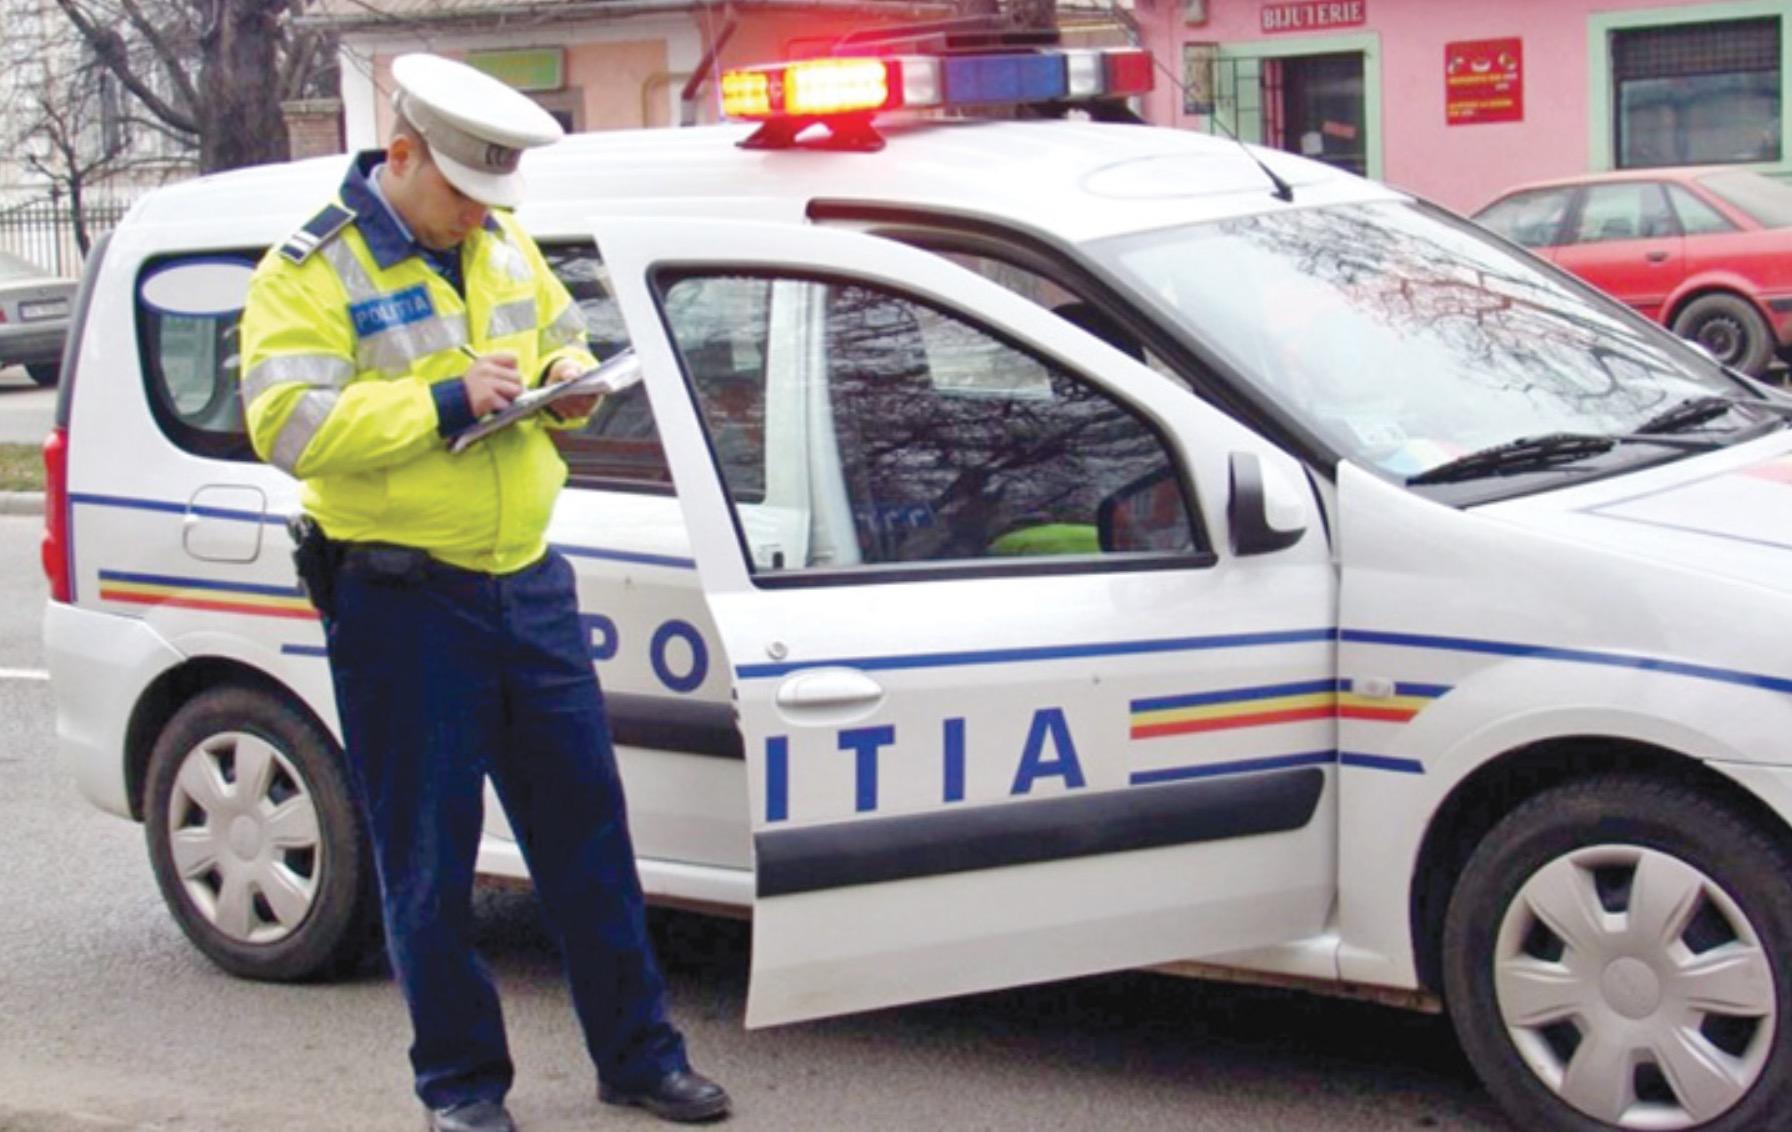 Un nou semn de circulație pentru șoferi, noi reguli care te pot lăsa fară permis